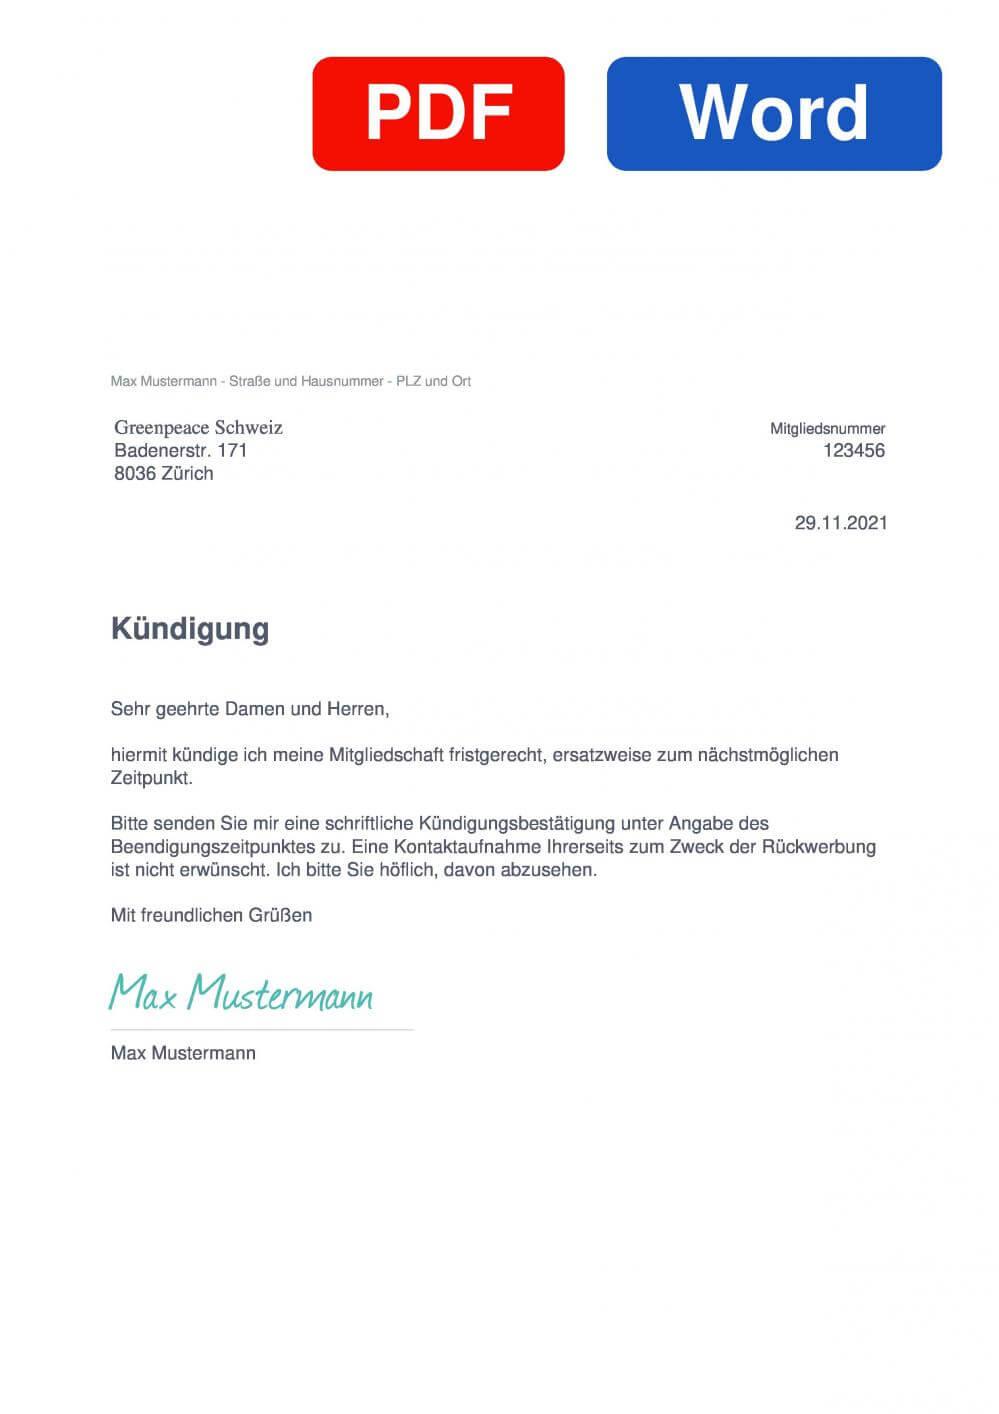 Greenpeace Schweiz Muster Vorlage für Kündigungsschreiben